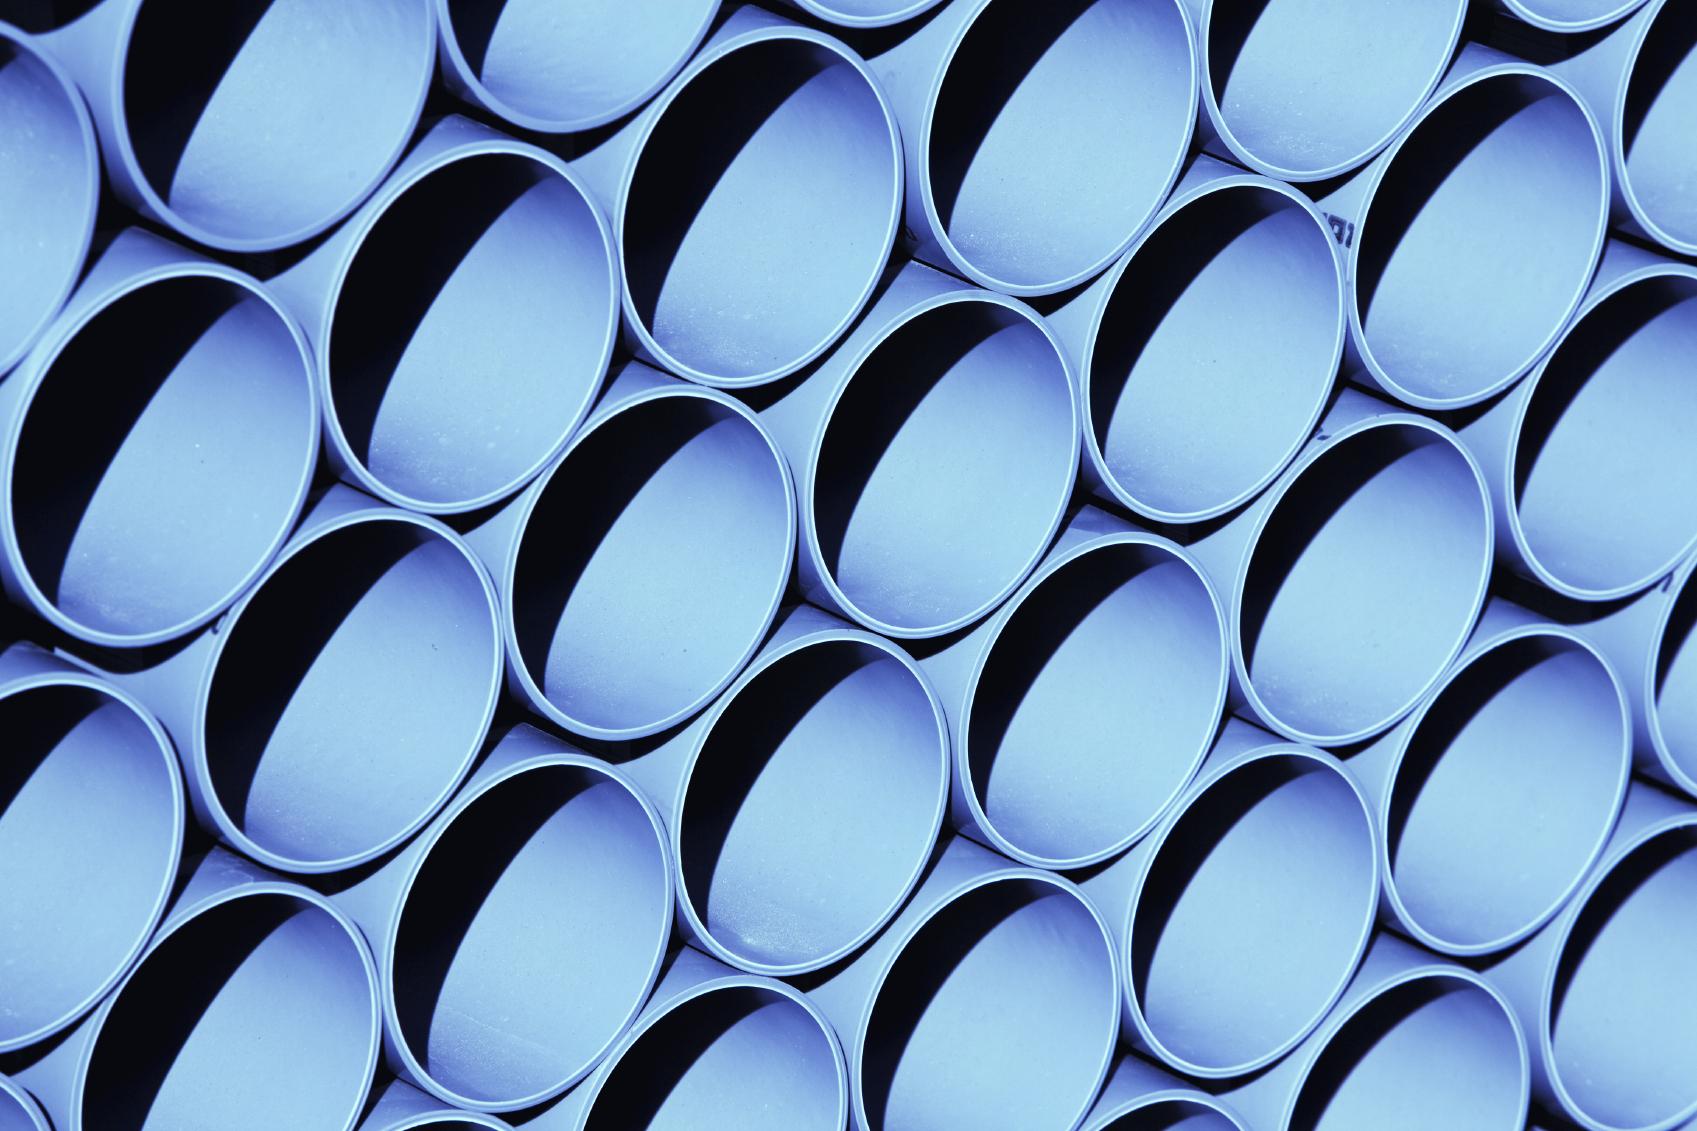 INSTA-CERT -sertifiointimenettely mahdollistaa tuotteen vaatimustenmukaisuuden osoittamisen kerralla ja yhdellä merkillä kaikissa Pohjoismaissa. INSTA-CERT -menettelyn on luonut yhteispohjoismainen sertifioijien muodostama ryhmä, jossa Kiwa Inspecta